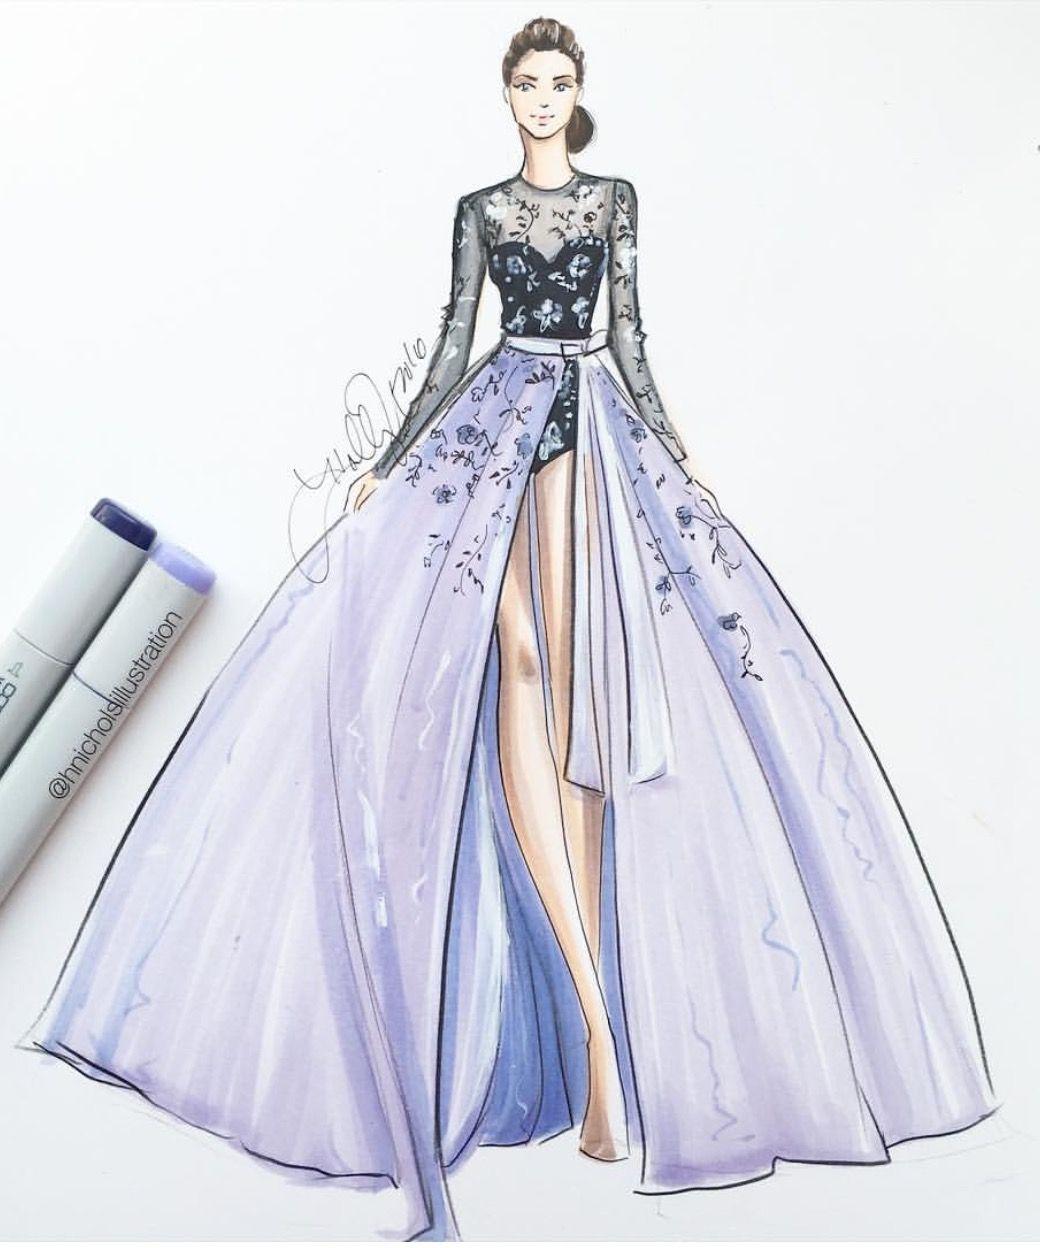 Hnicholsillustration fashion pinterest illustration - Kleider zeichnen ...